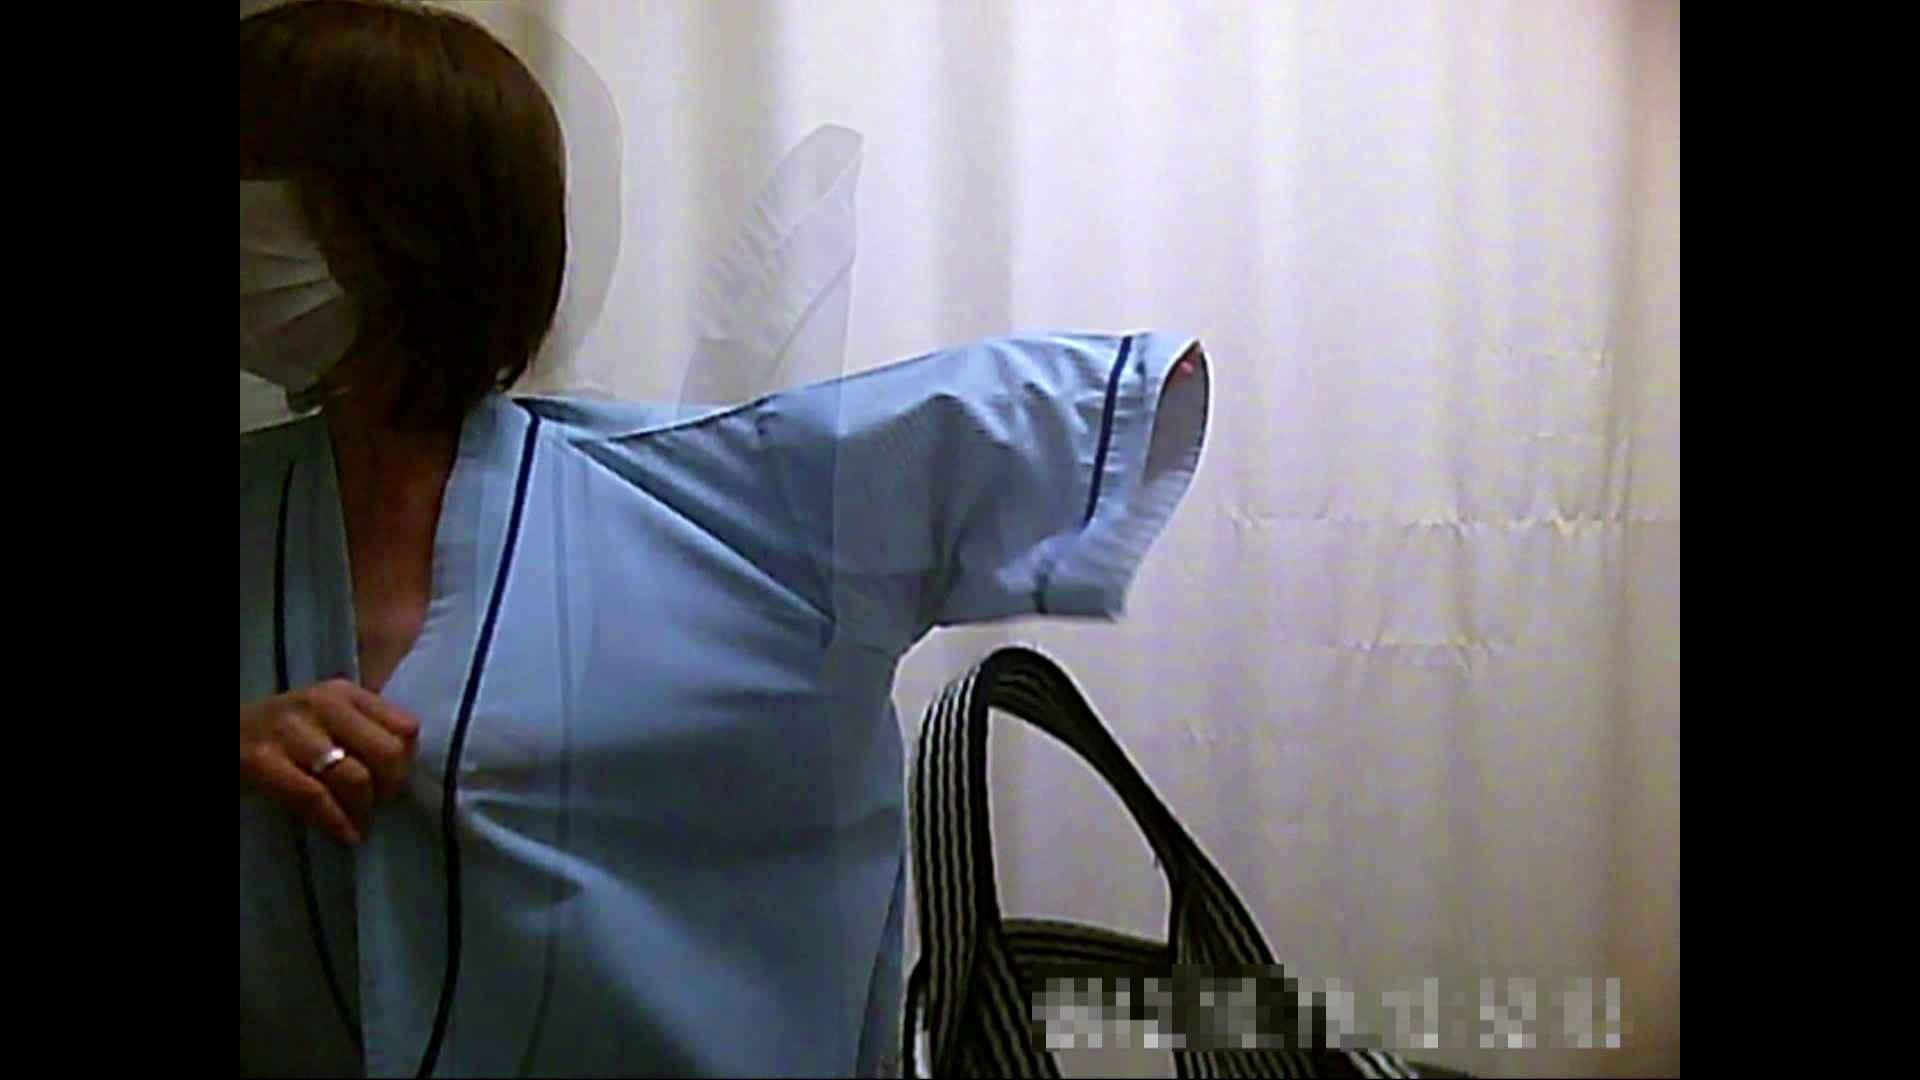 病院おもいっきり着替え! vol.243 着替え 隠し撮りオマンコ動画紹介 94連発 55